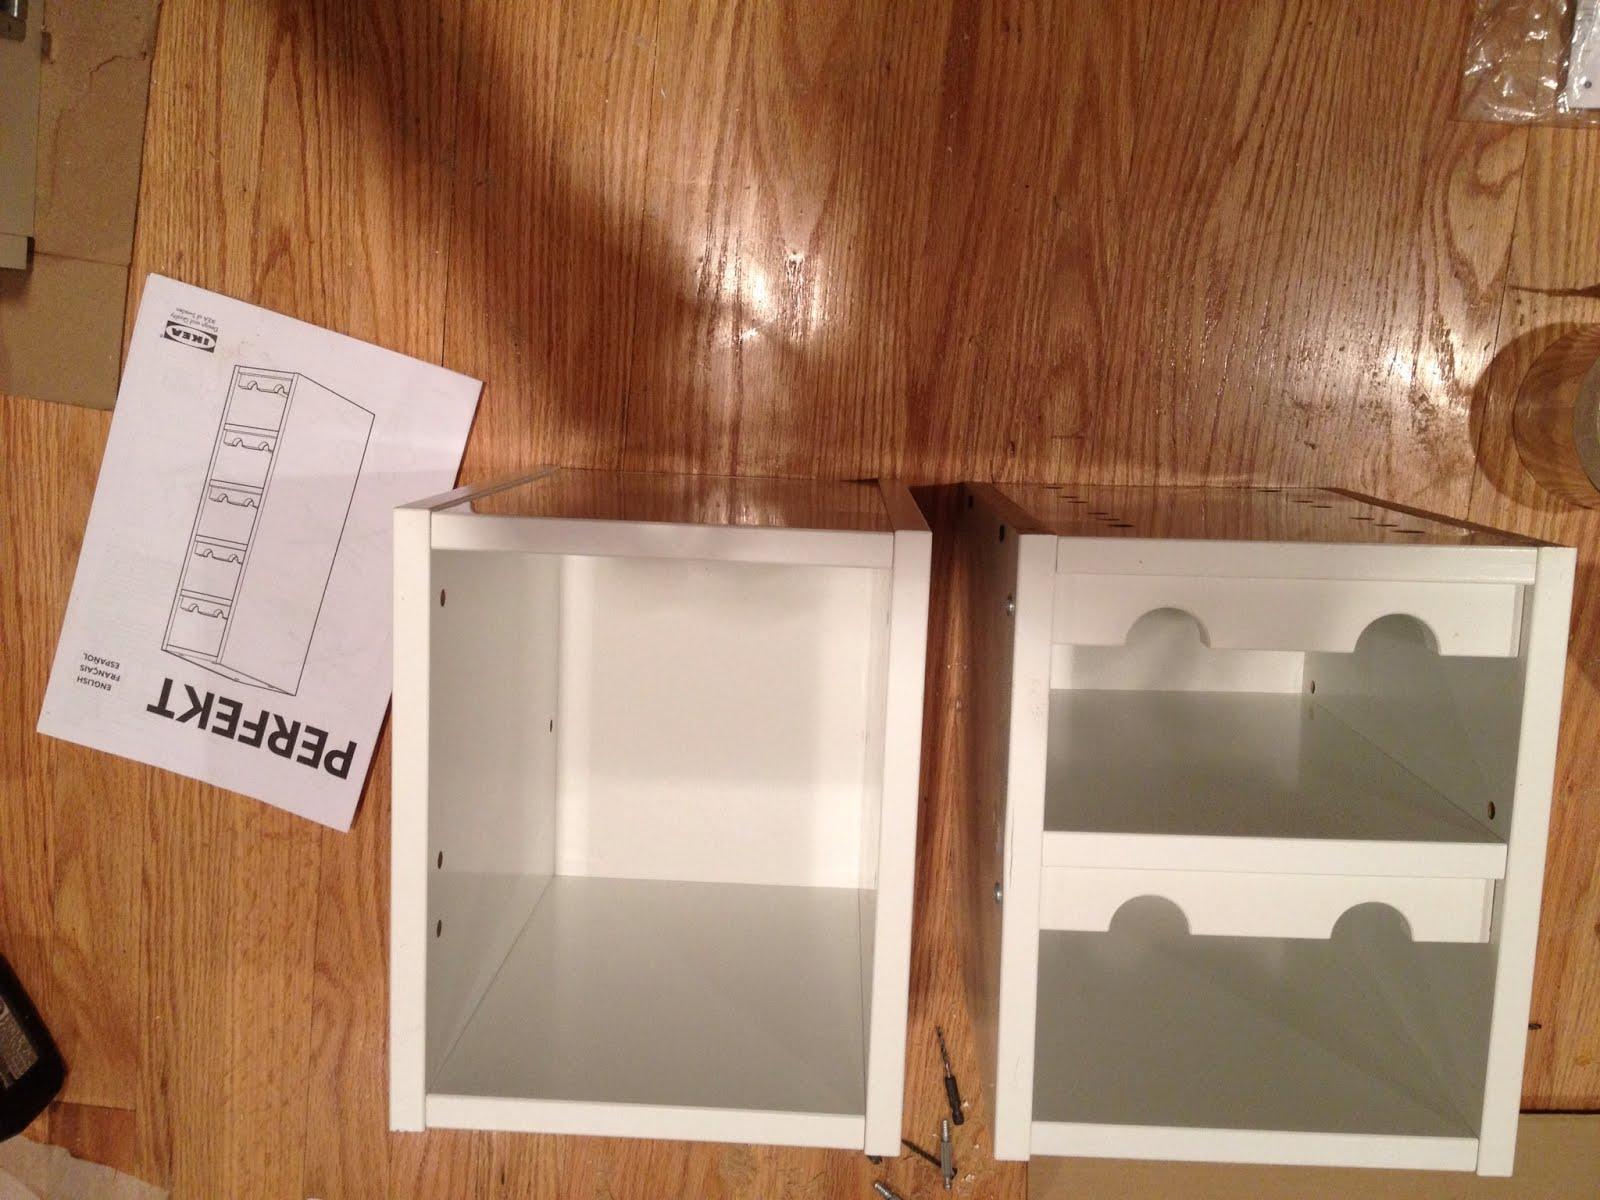 image-744674 Impressionnant De Ikea Coussin Exterieur Schème